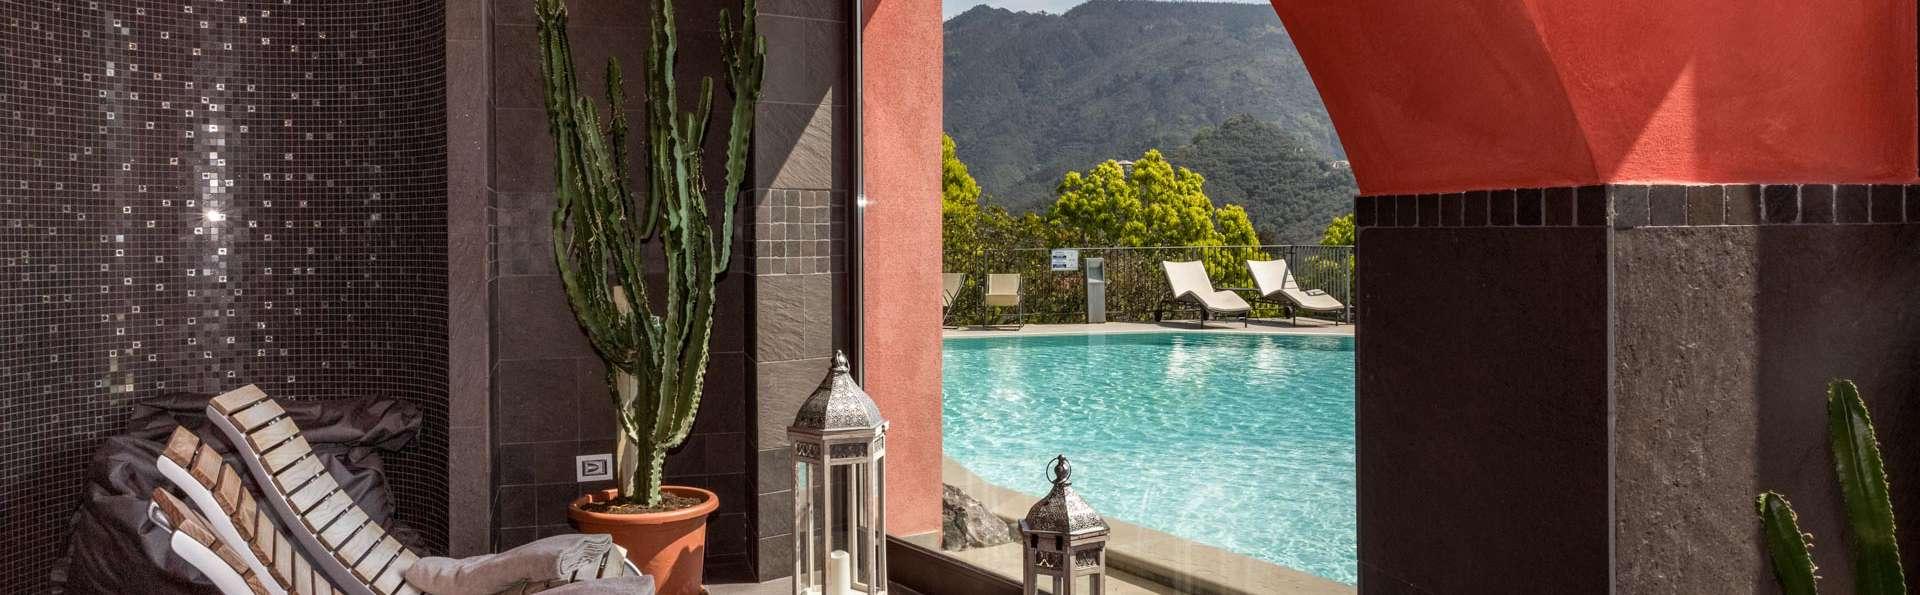 Séjournez aux Cinque Terre avec accès au spa.... et profitez du bon d'achat